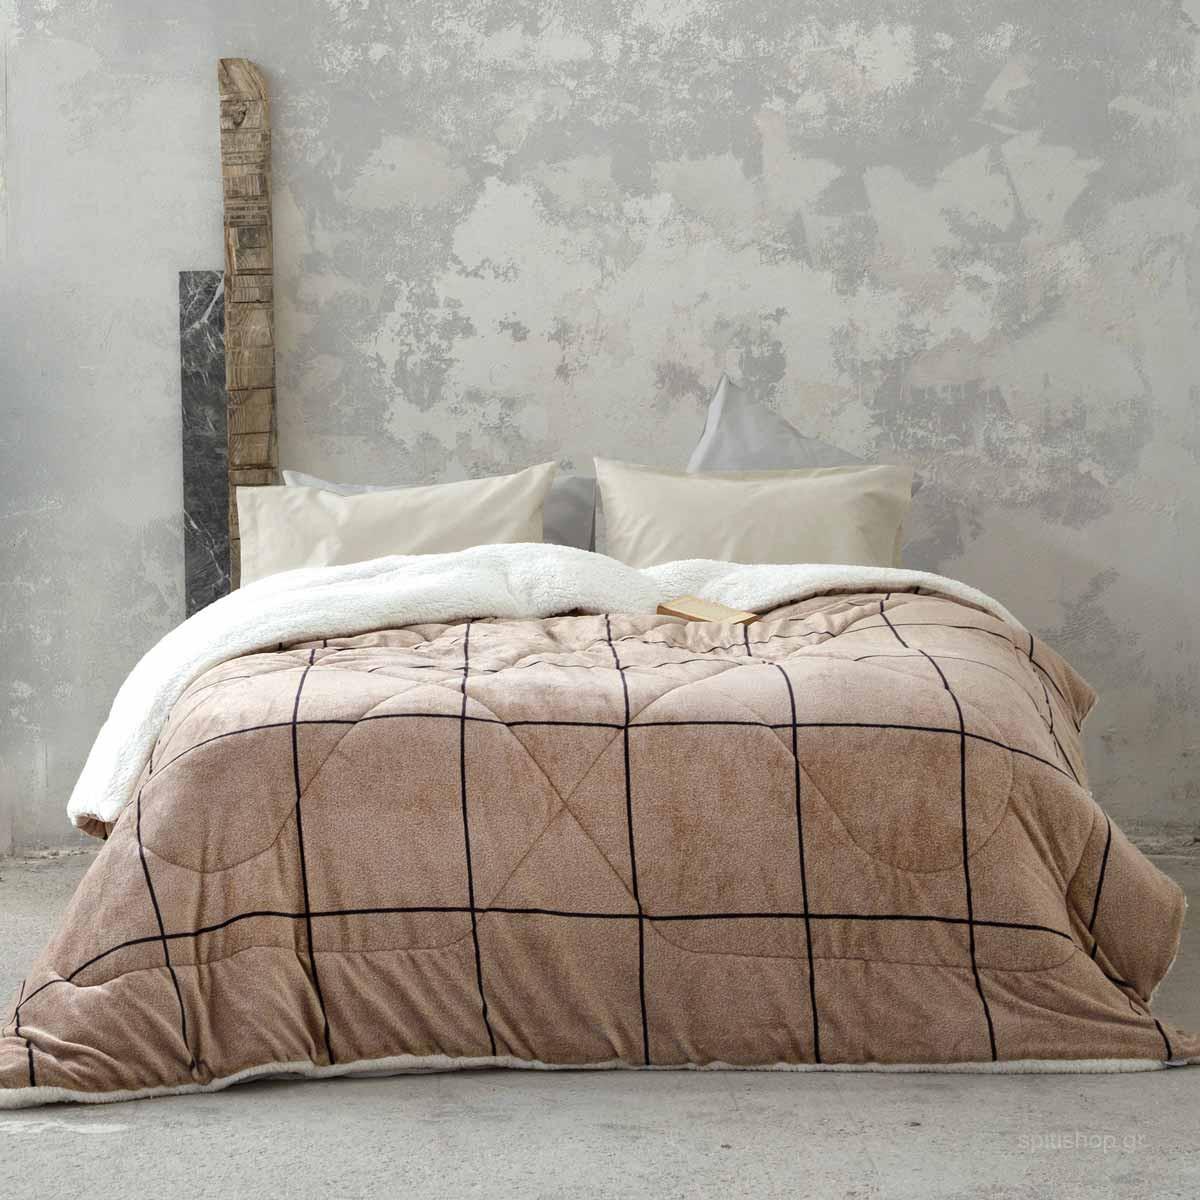 Κουβερτοπάπλωμα King Size Nima Bed Linen Tailor Beige